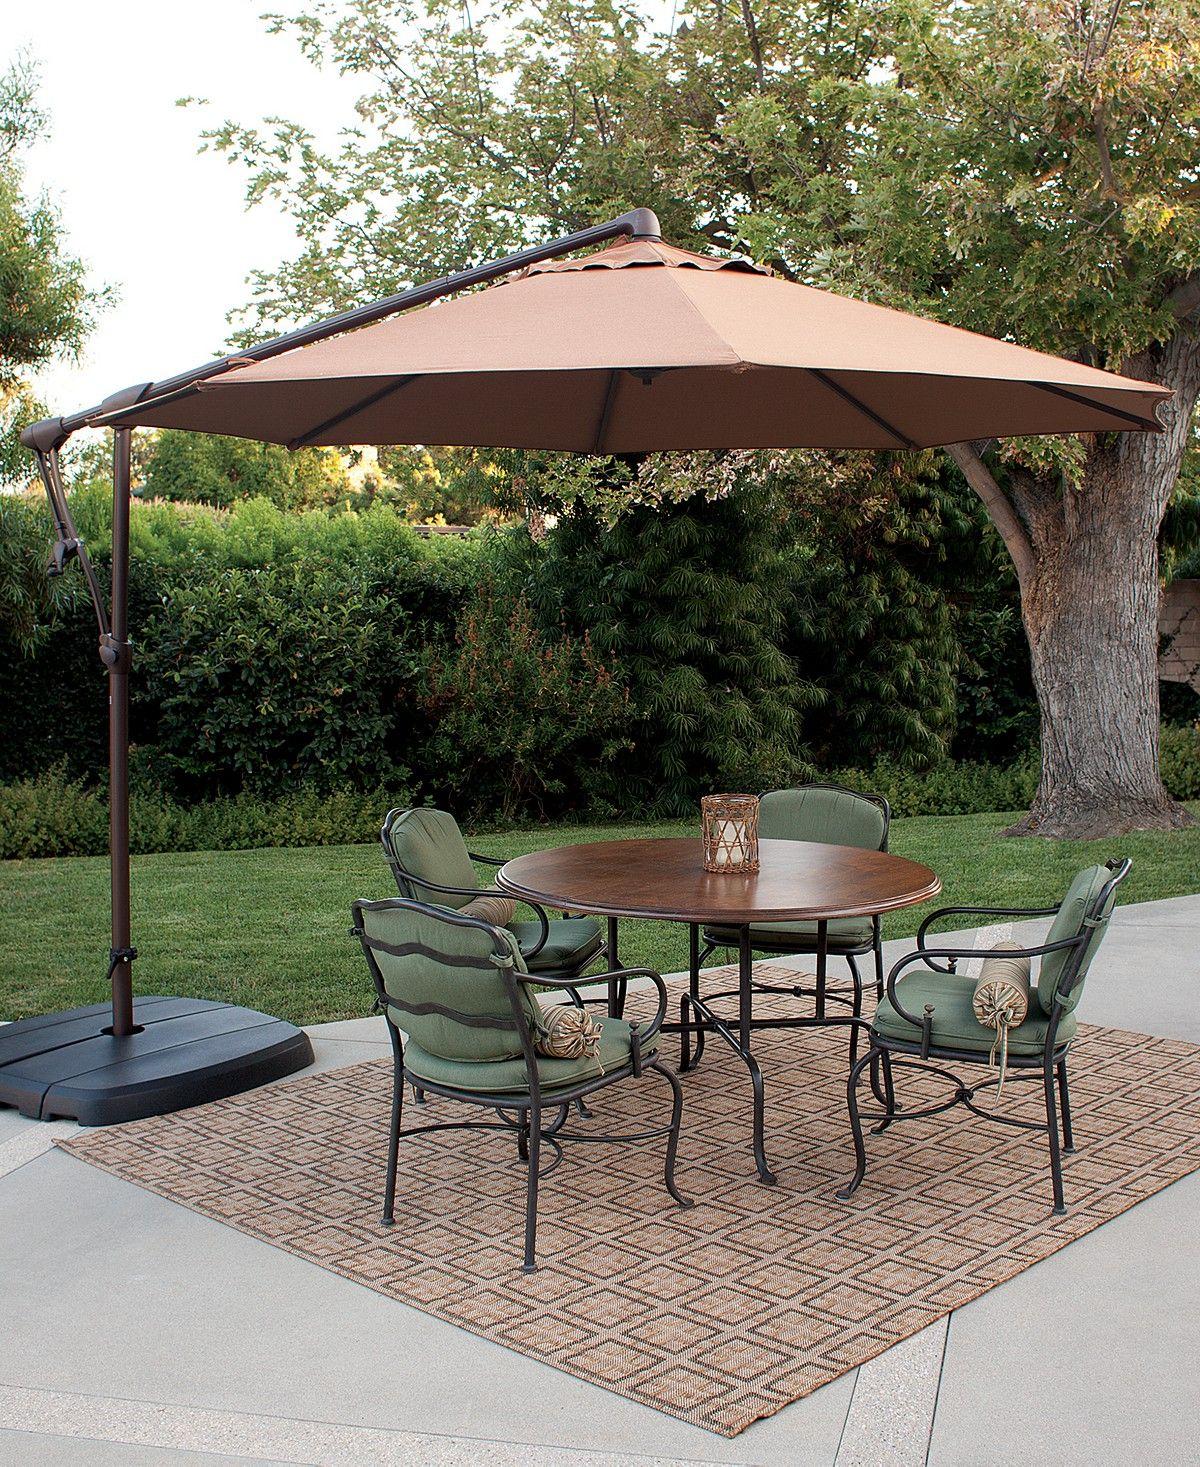 Treasure Garden 10 Cantilever Umbrella Reviews Furniture Macy S In 2020 Patio Cantilever Umbrella Offset Patio Umbrella